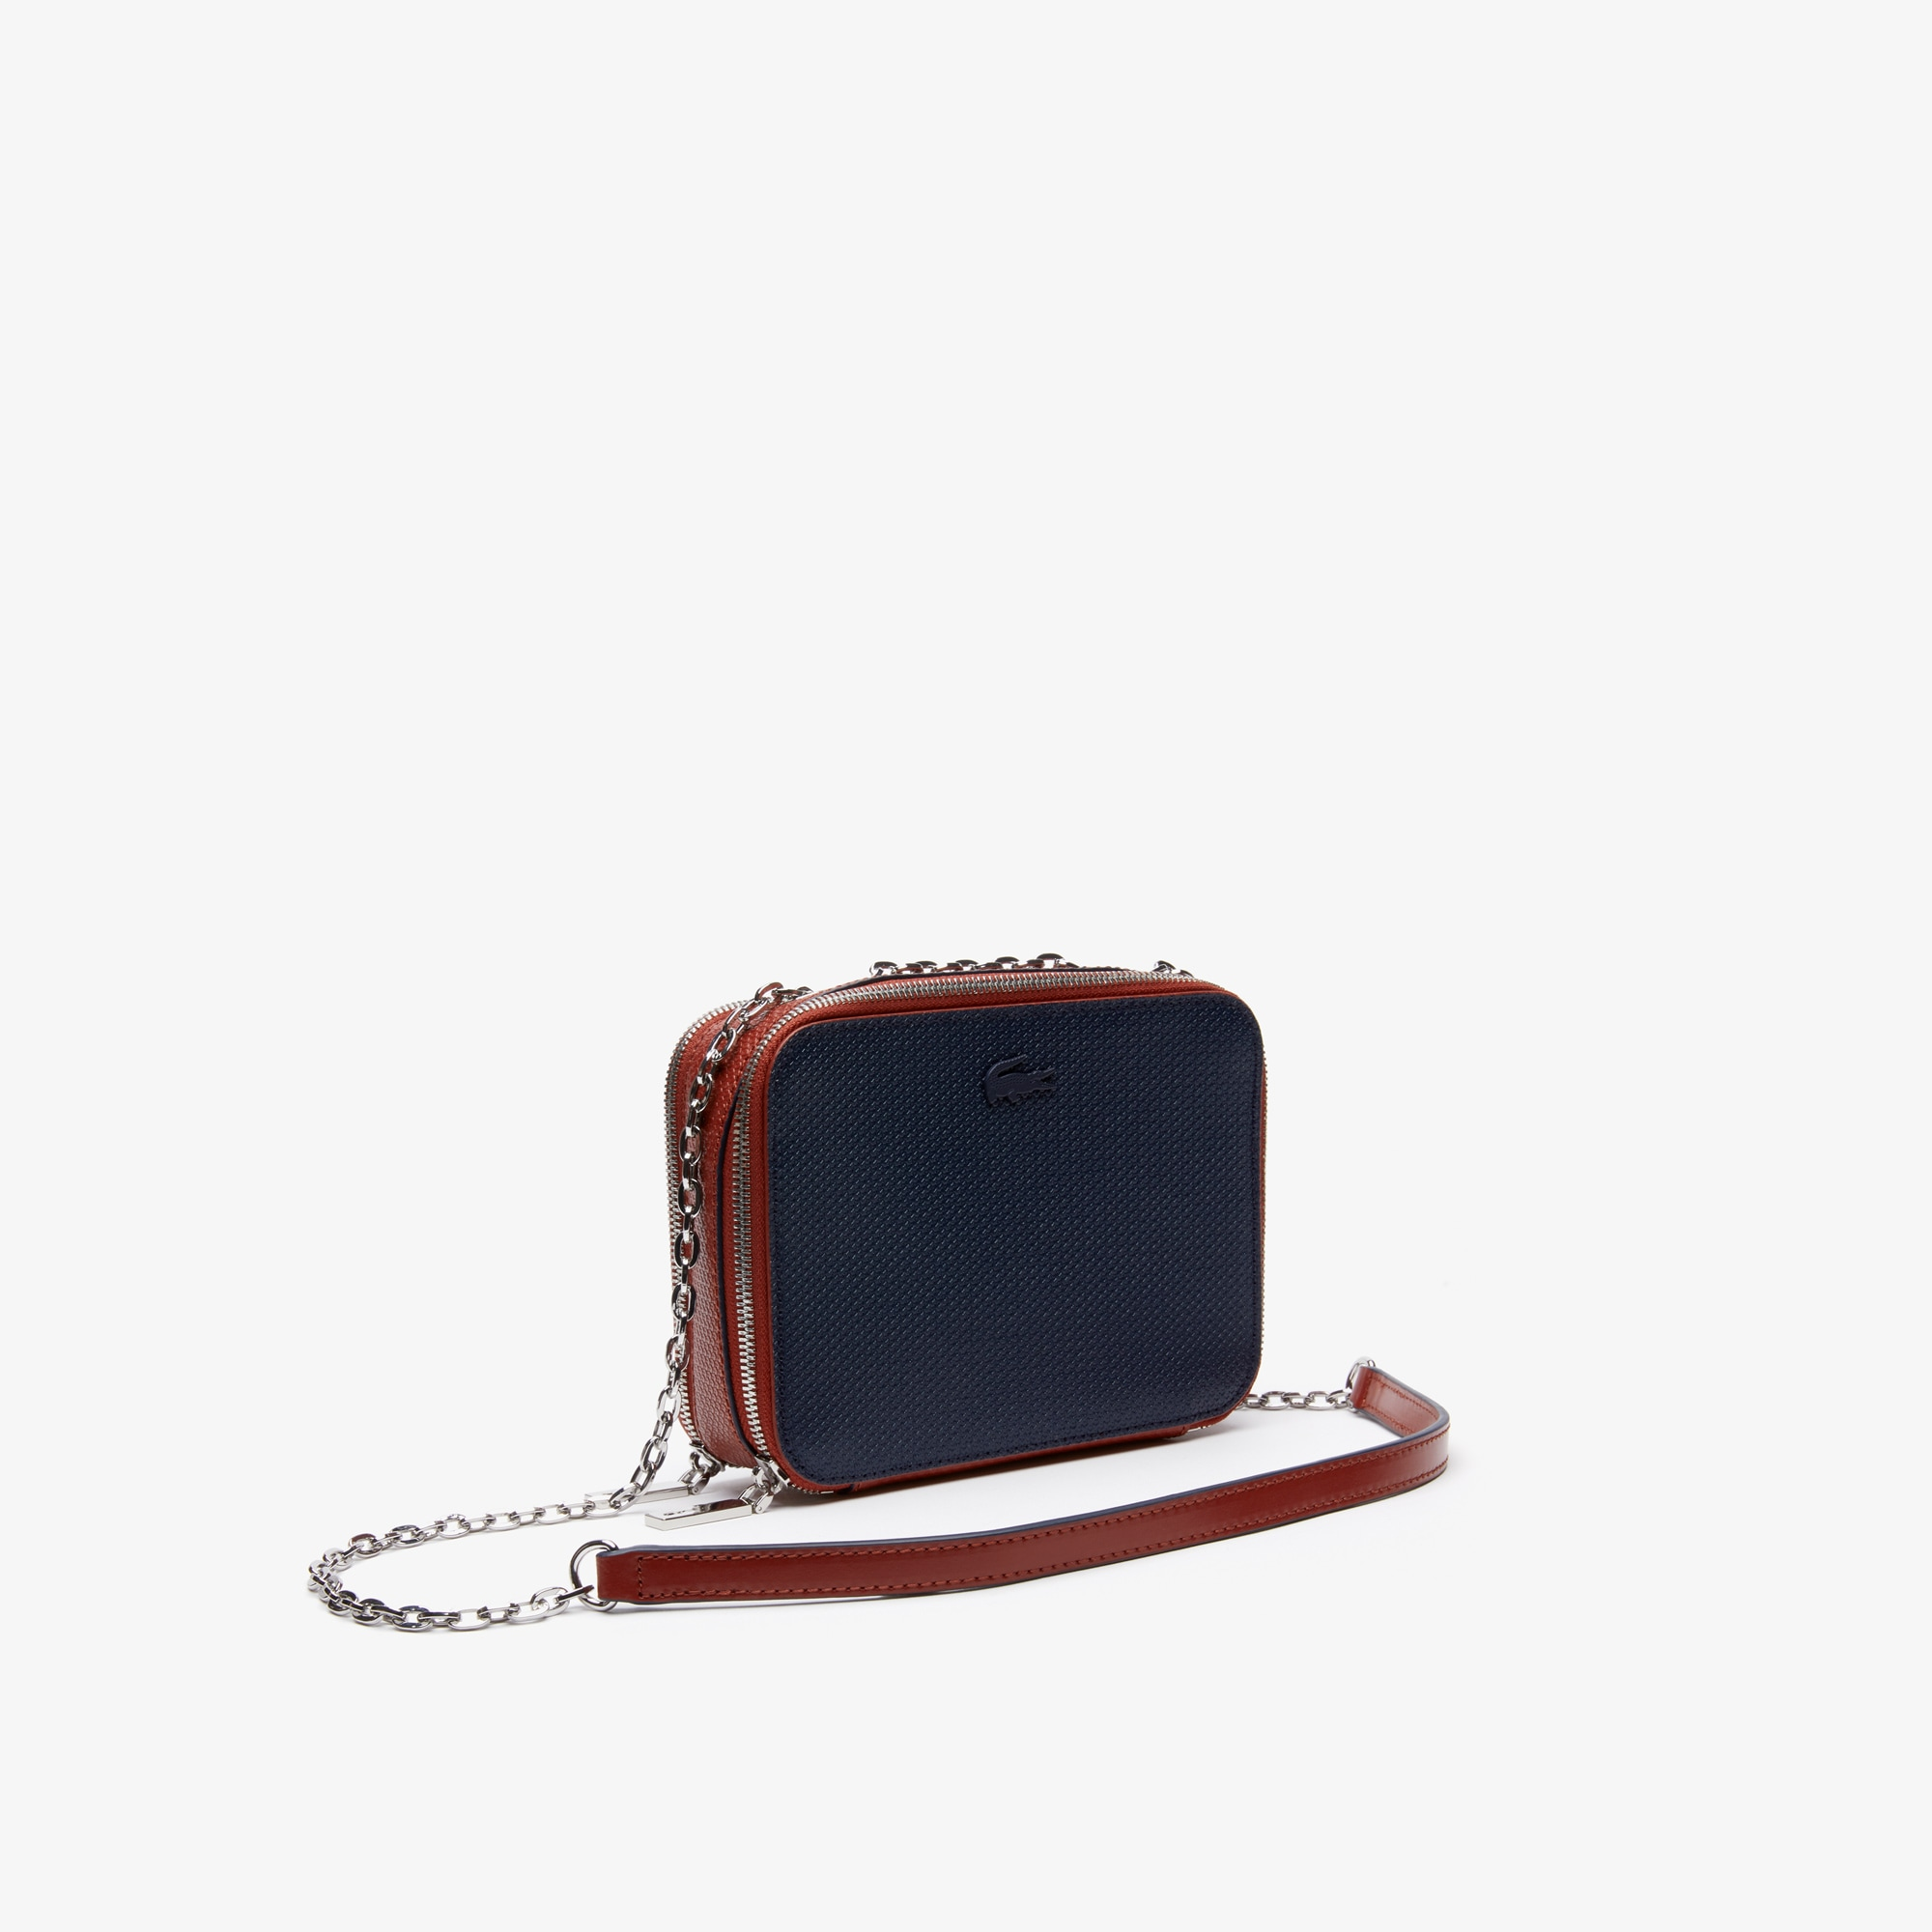 dcf99a7118 Women's Chantaco Chain Bicolour Piqué Leather Shoulder Bag